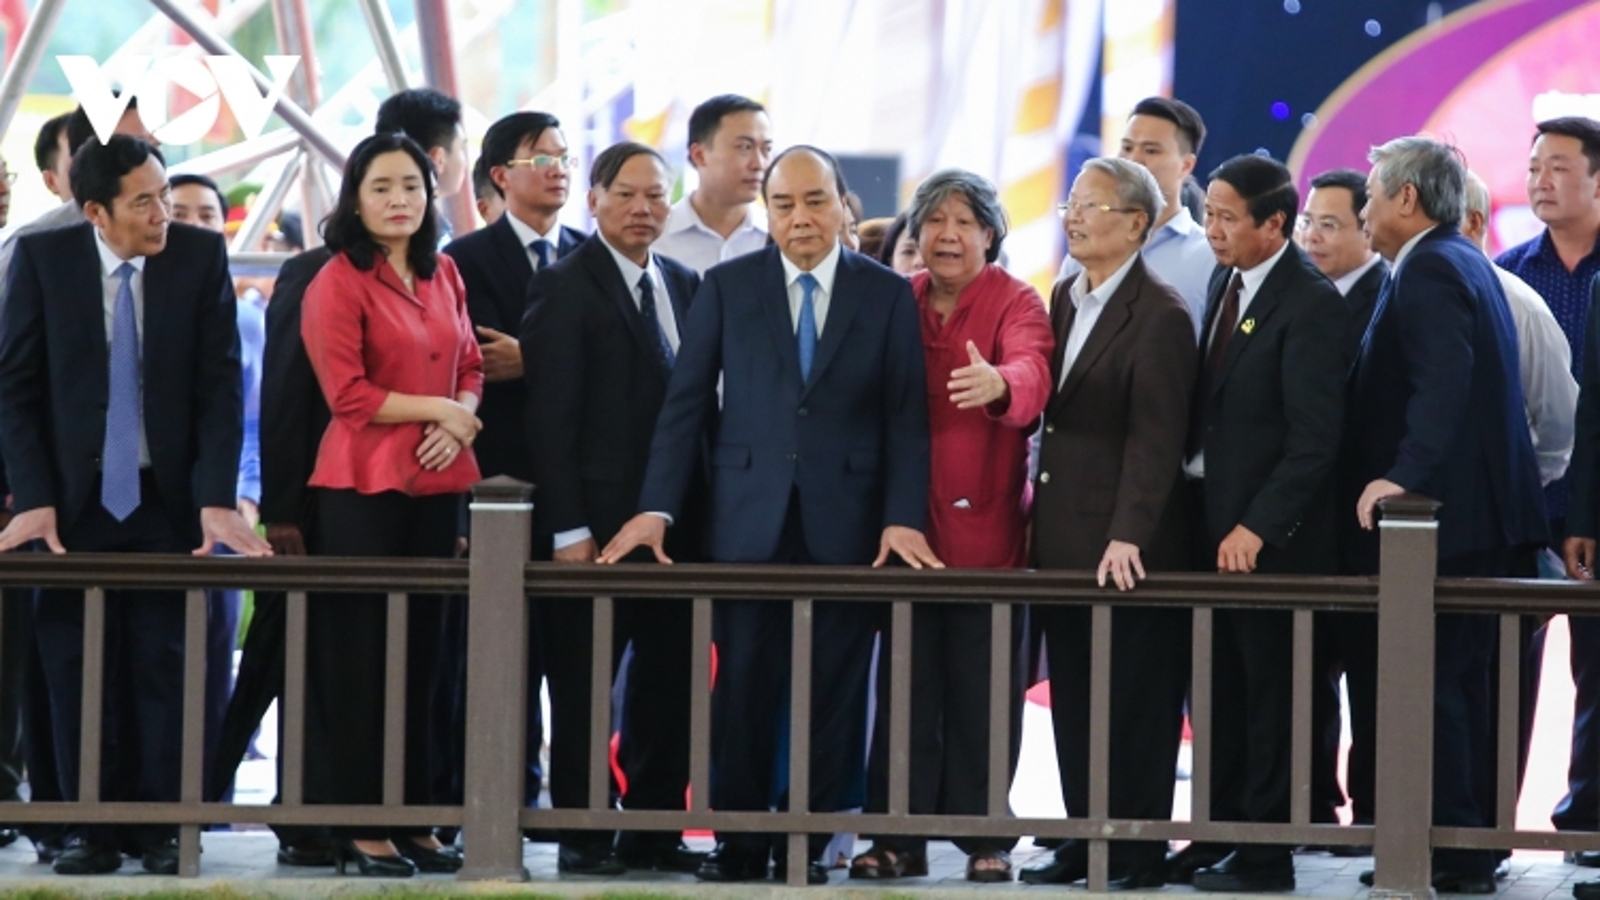 Thủ tướng dự lễ khánh thành Khu bảo tồn bãi cọc Cao Quỳ (Hải Phòng)